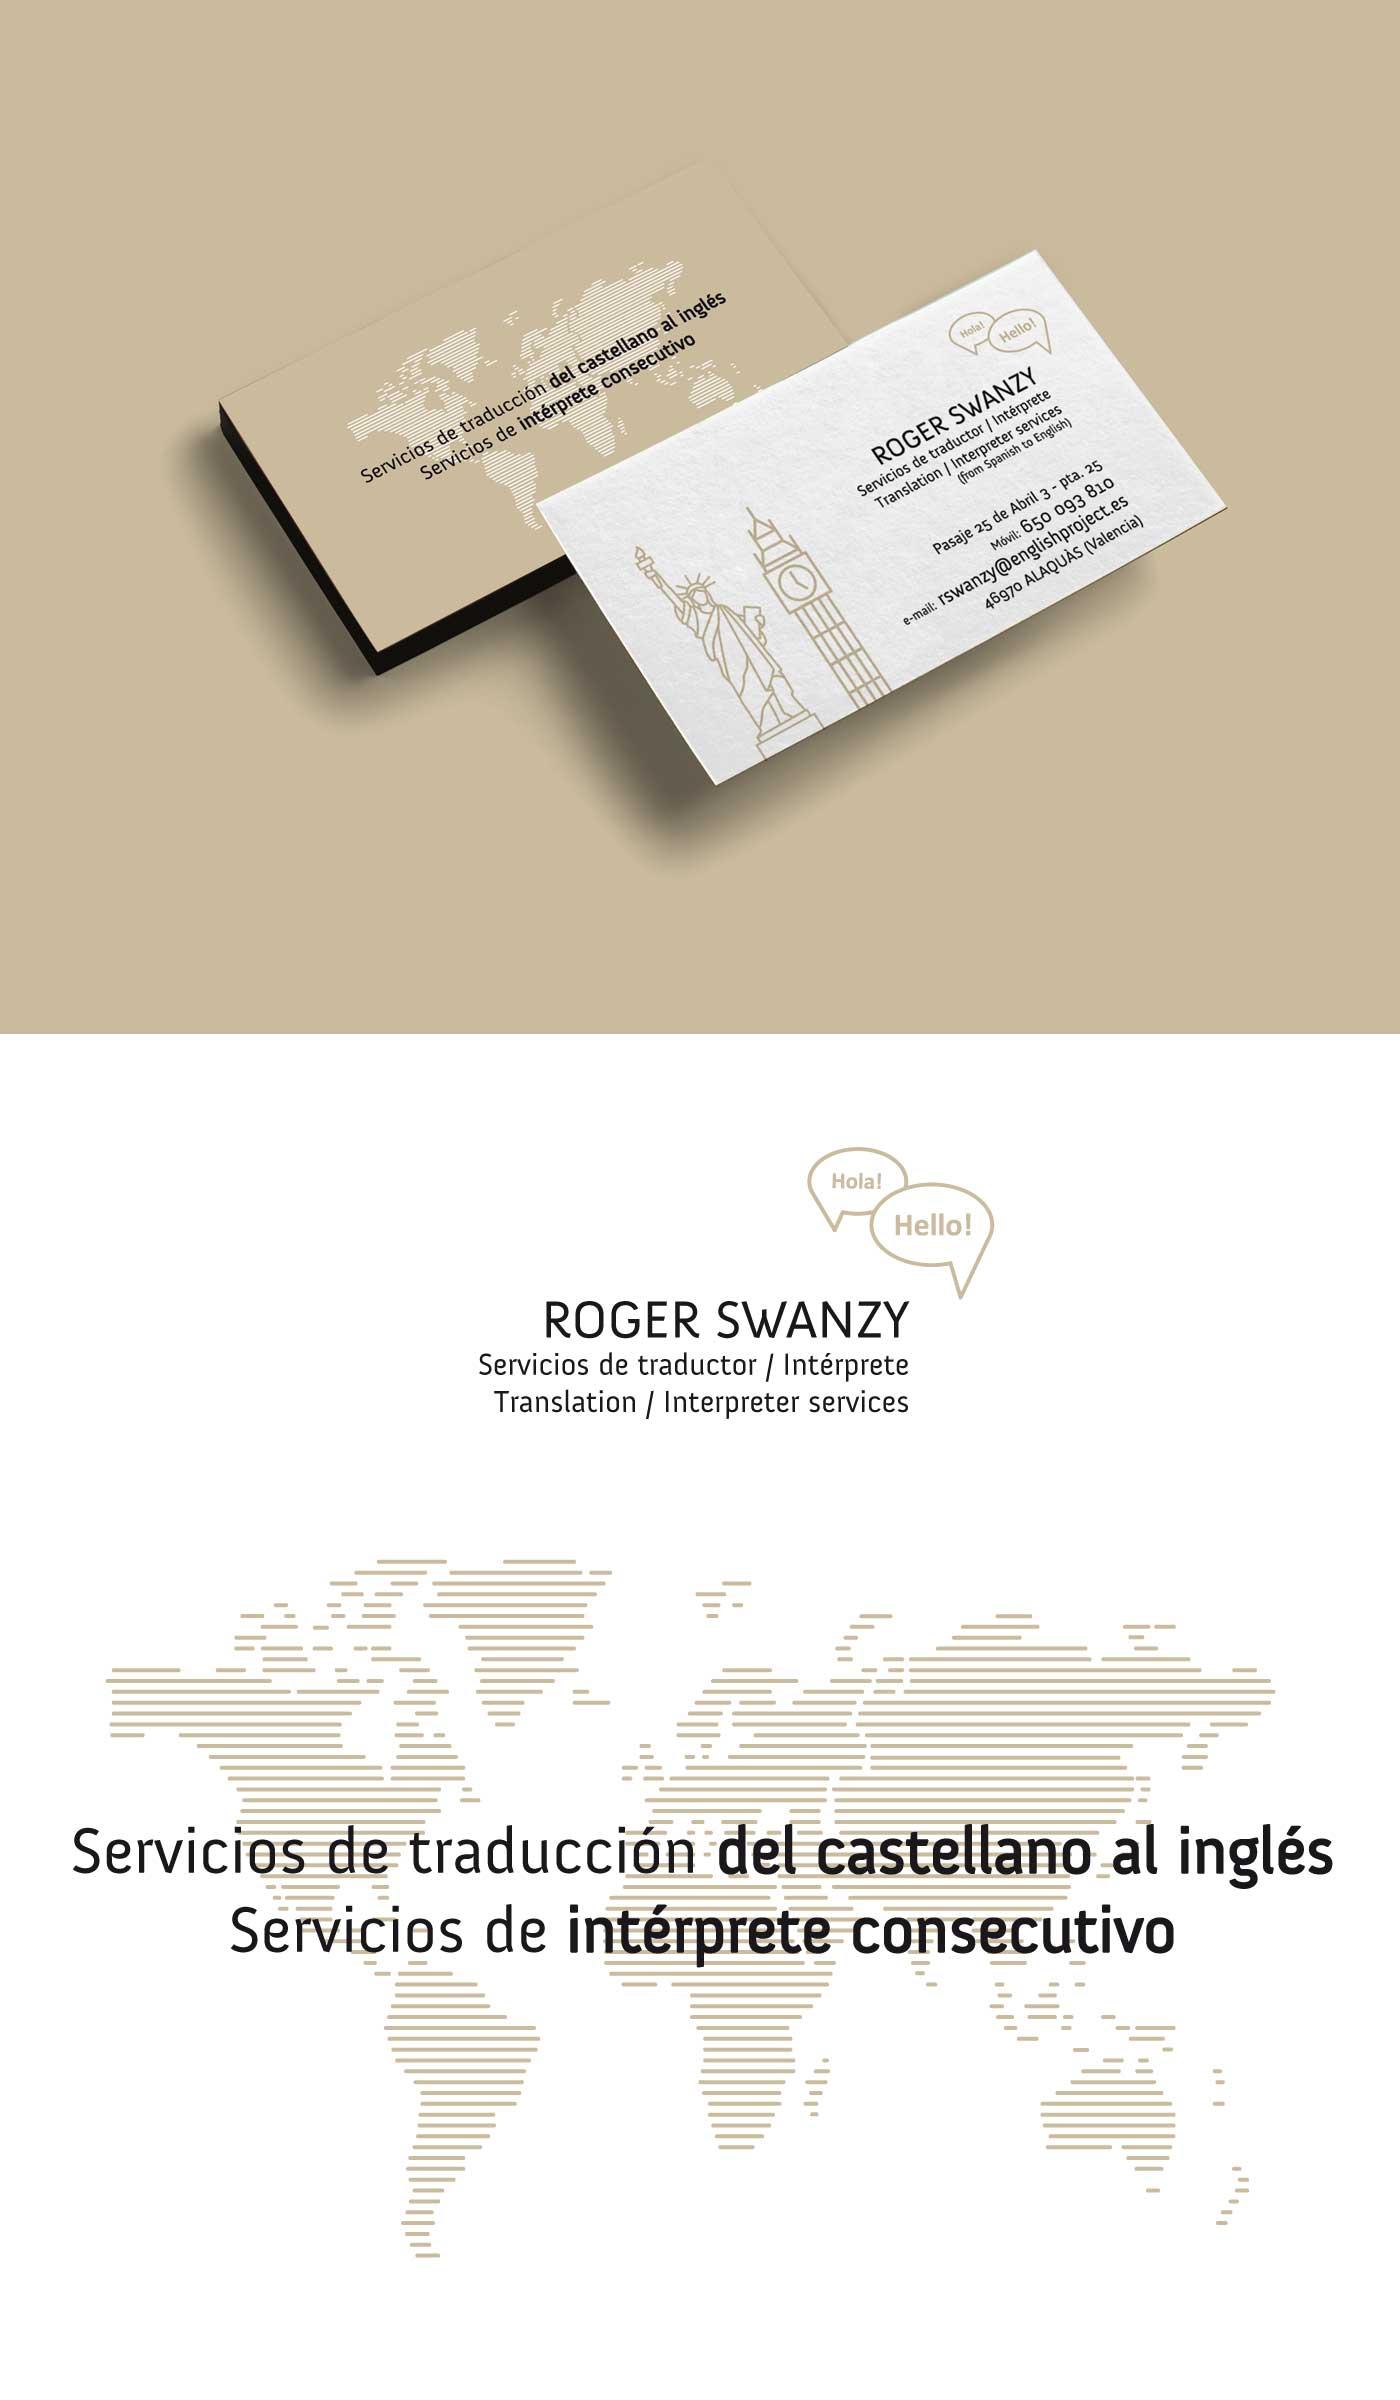 ROGER SWANZY Servicios de traductor / Intérprete